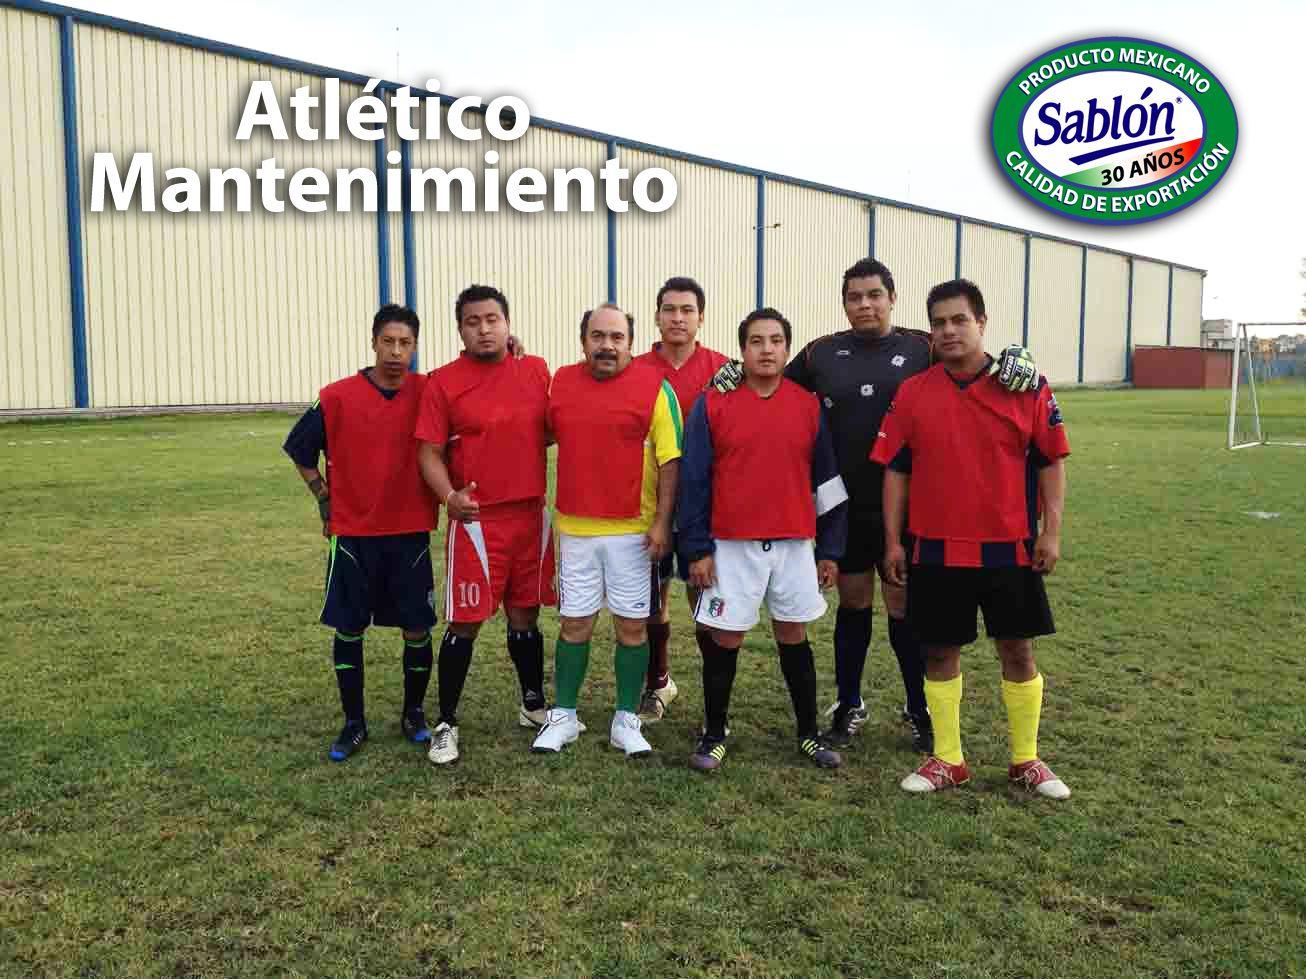 Atletico-mantenimiento